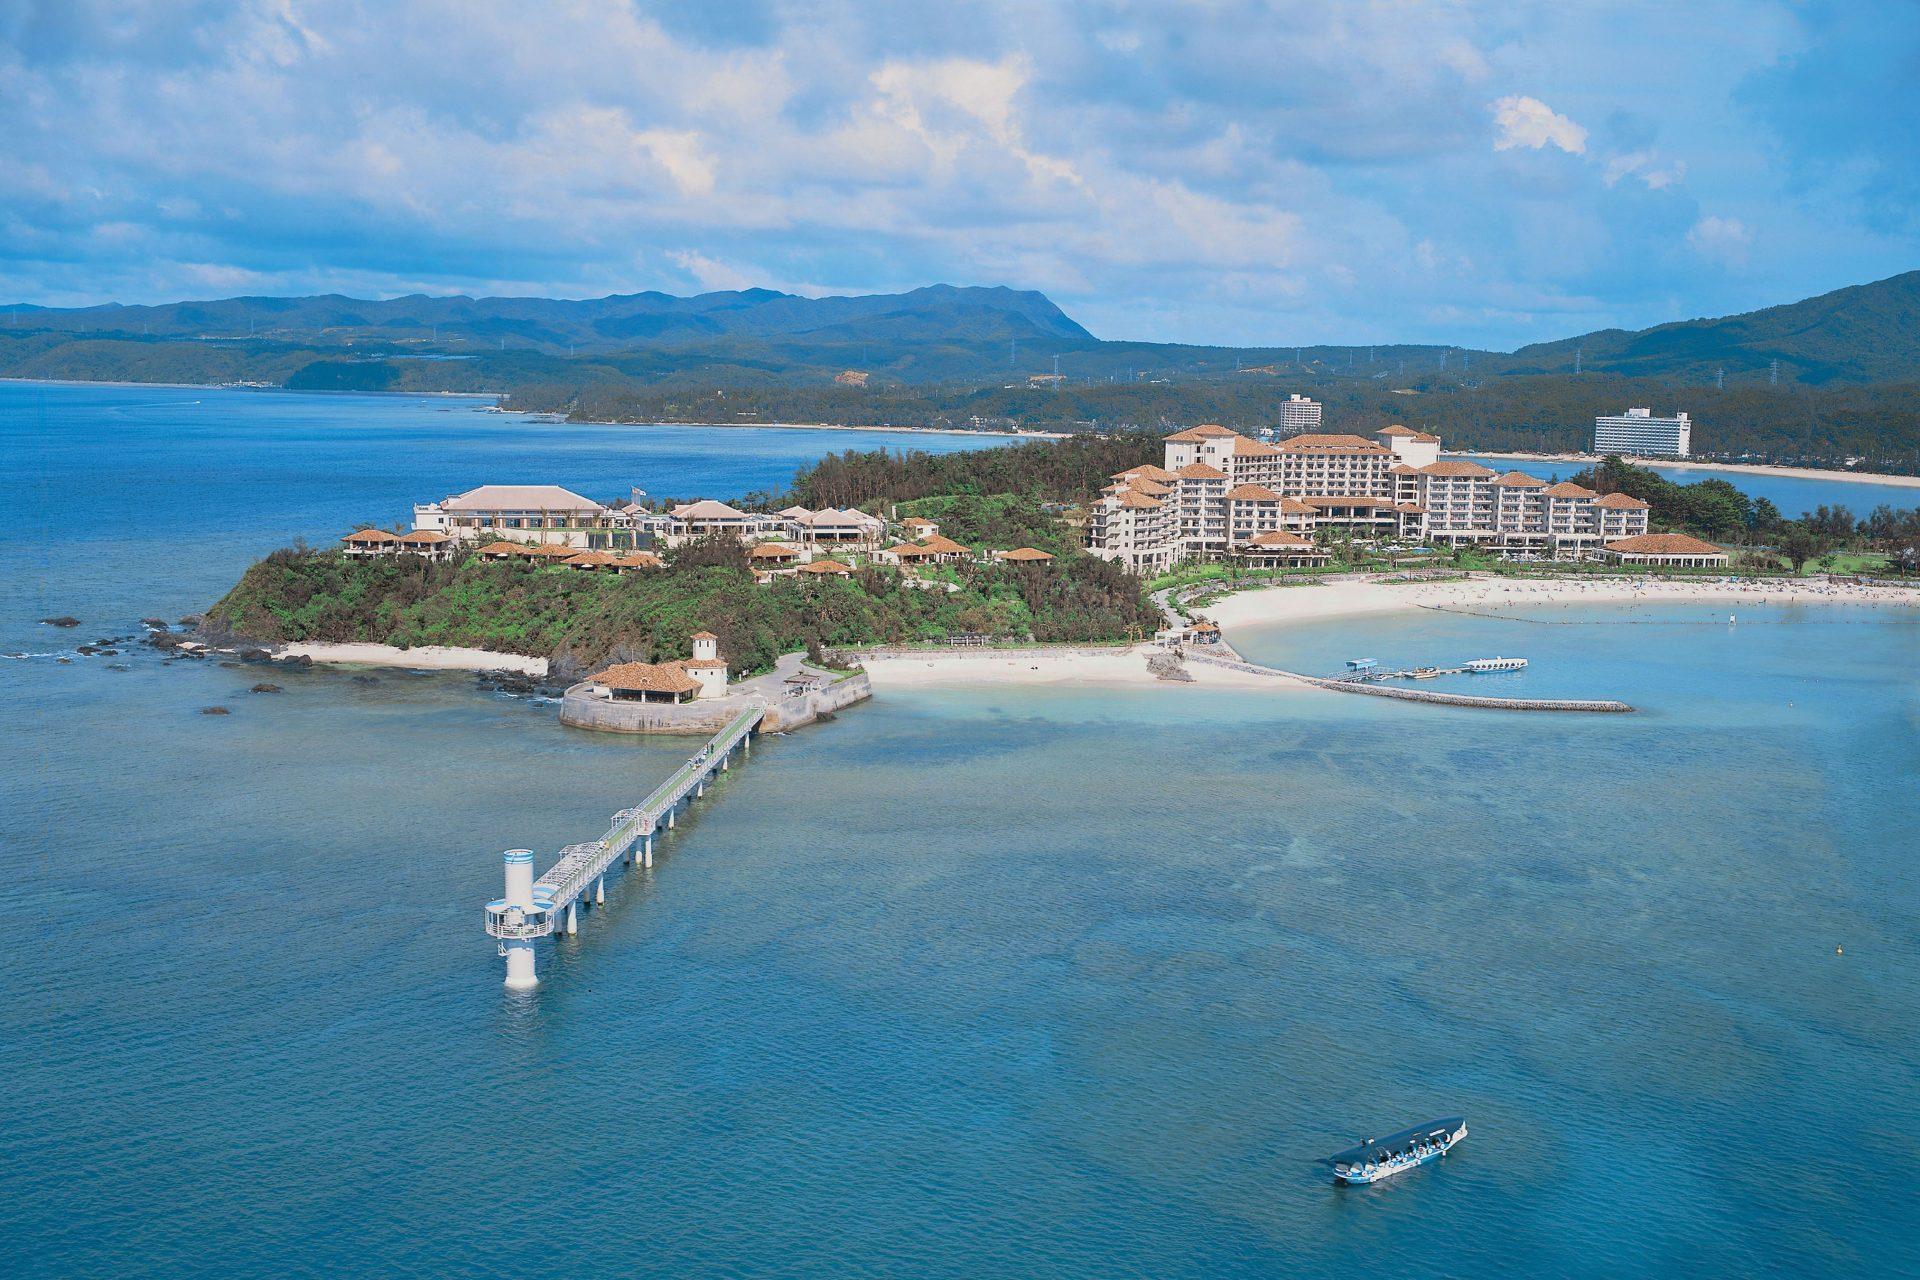 ザ・ブセナテラス 新春 スプリング キャンペーン 沖縄 旅行 ツアー 格安 安い 2月 3月 4月 5月